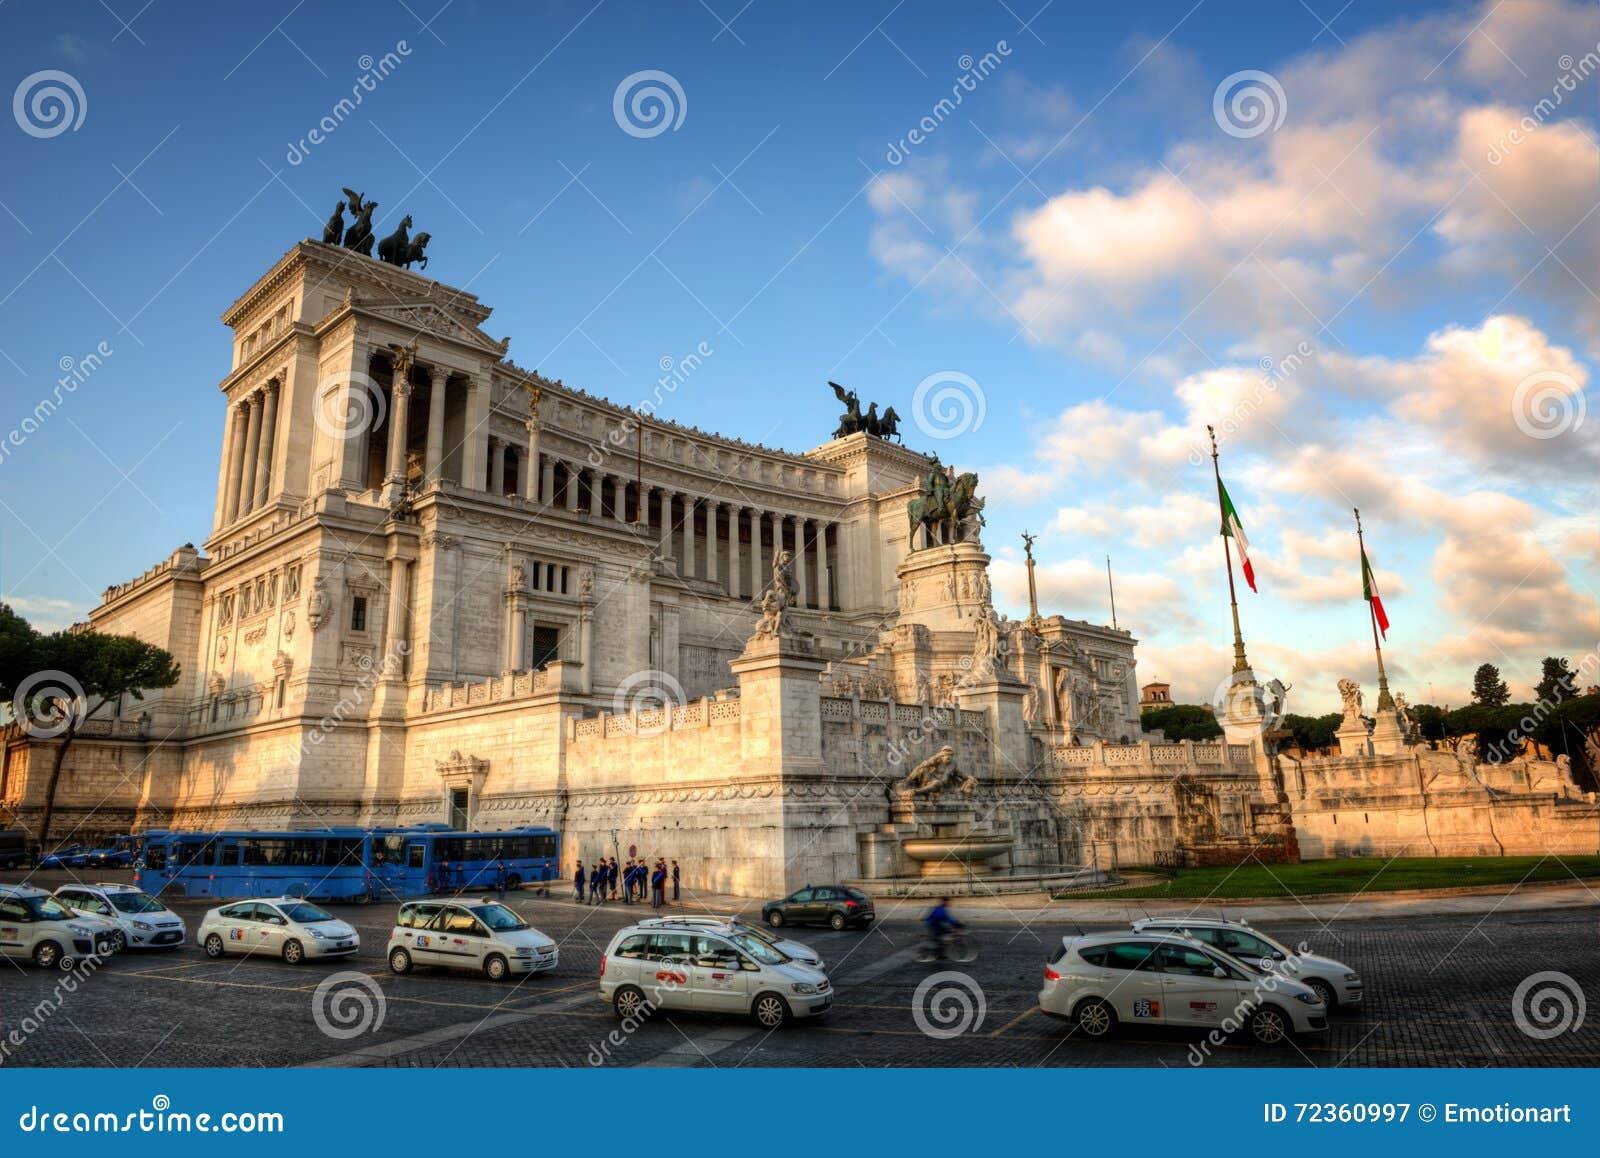 胜者伊曼纽尔II纪念碑在罗马,意大利